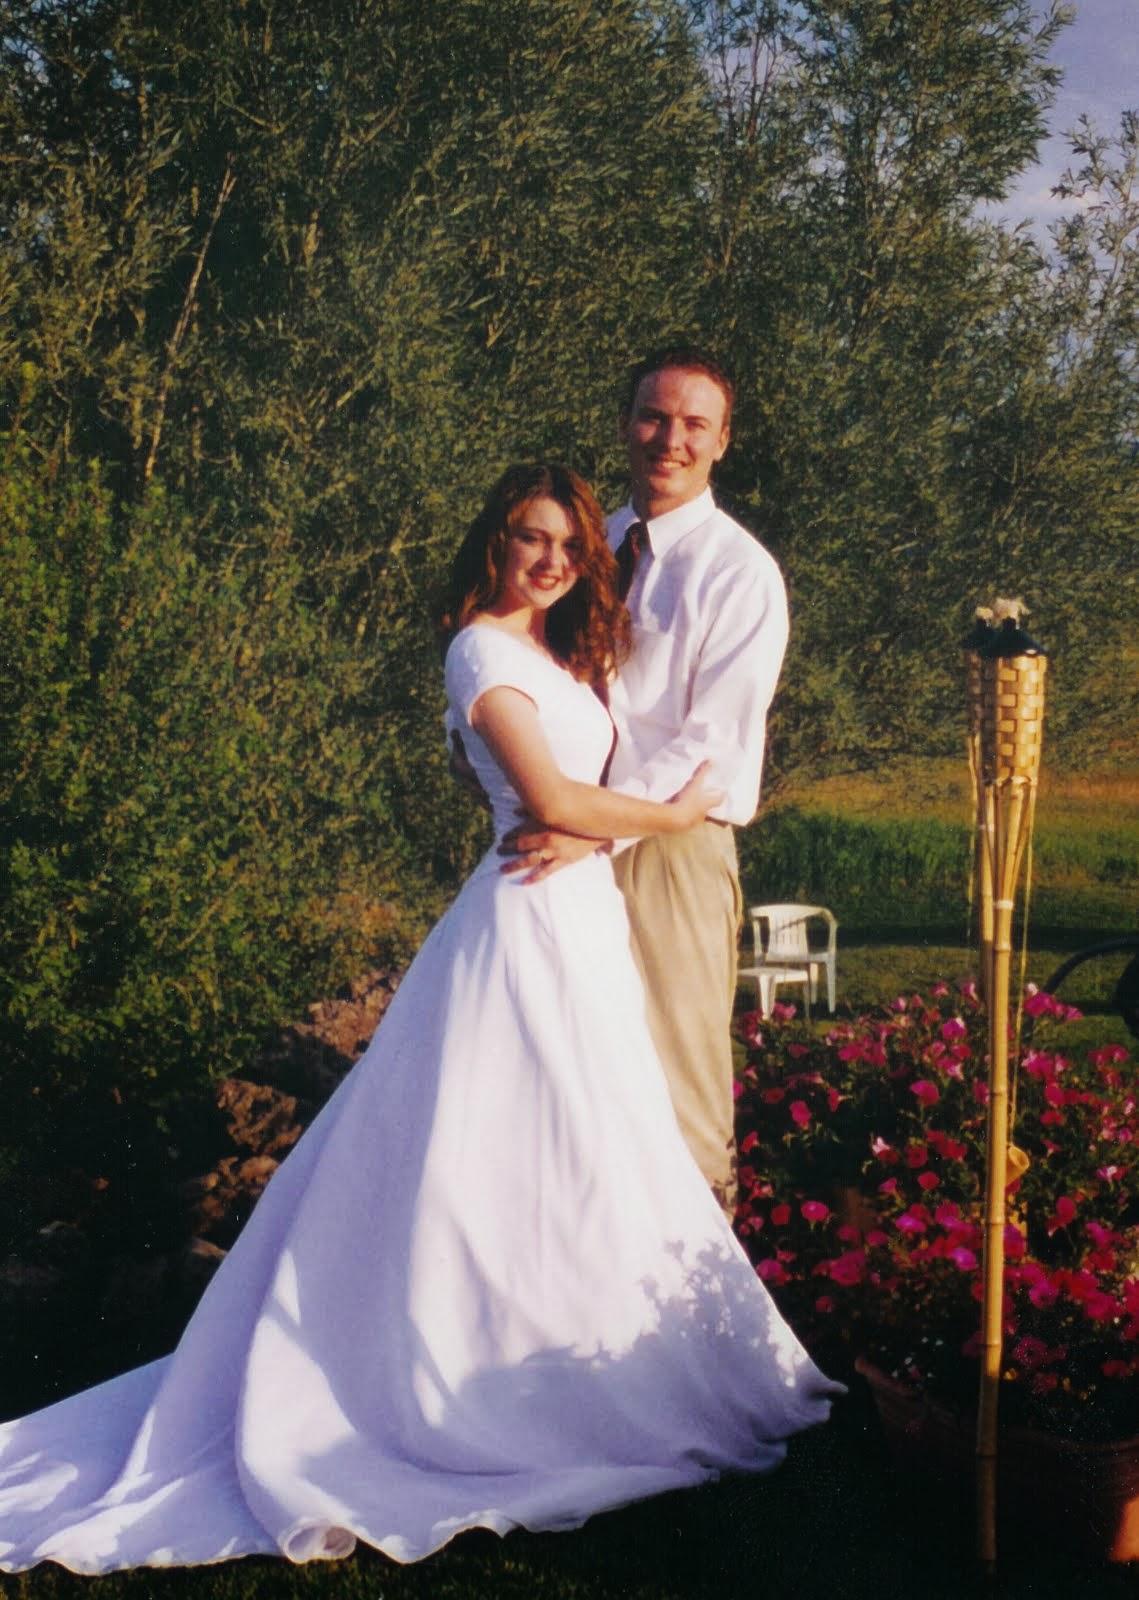 Ryan and Caranna